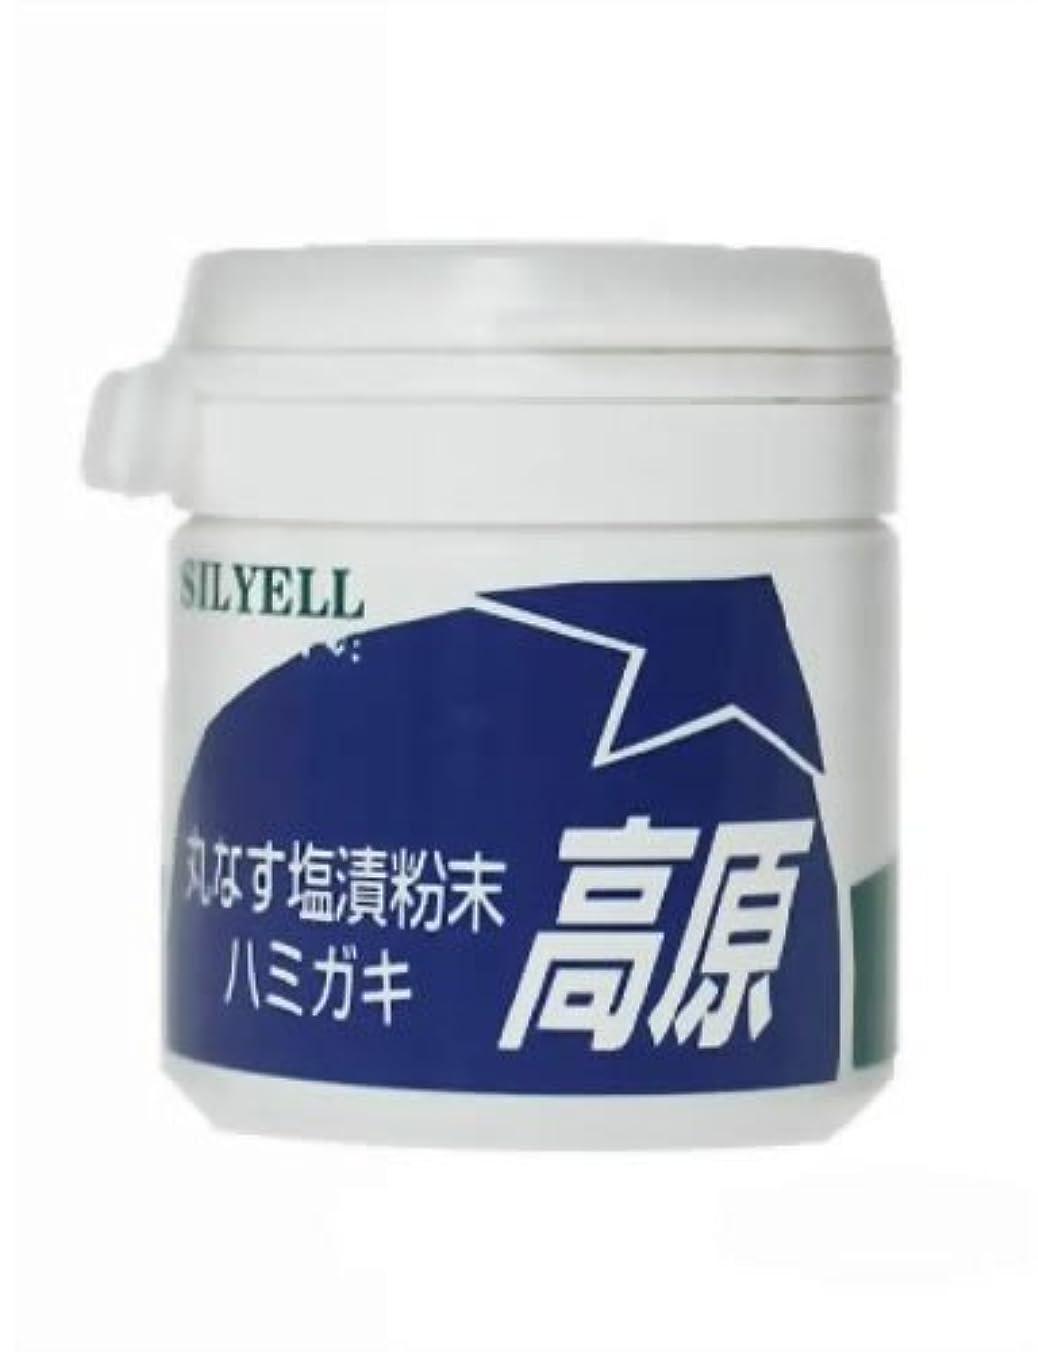 キャベツ酸化物アンケート丸なす塩漬粉末ハミガキ 高原 50g